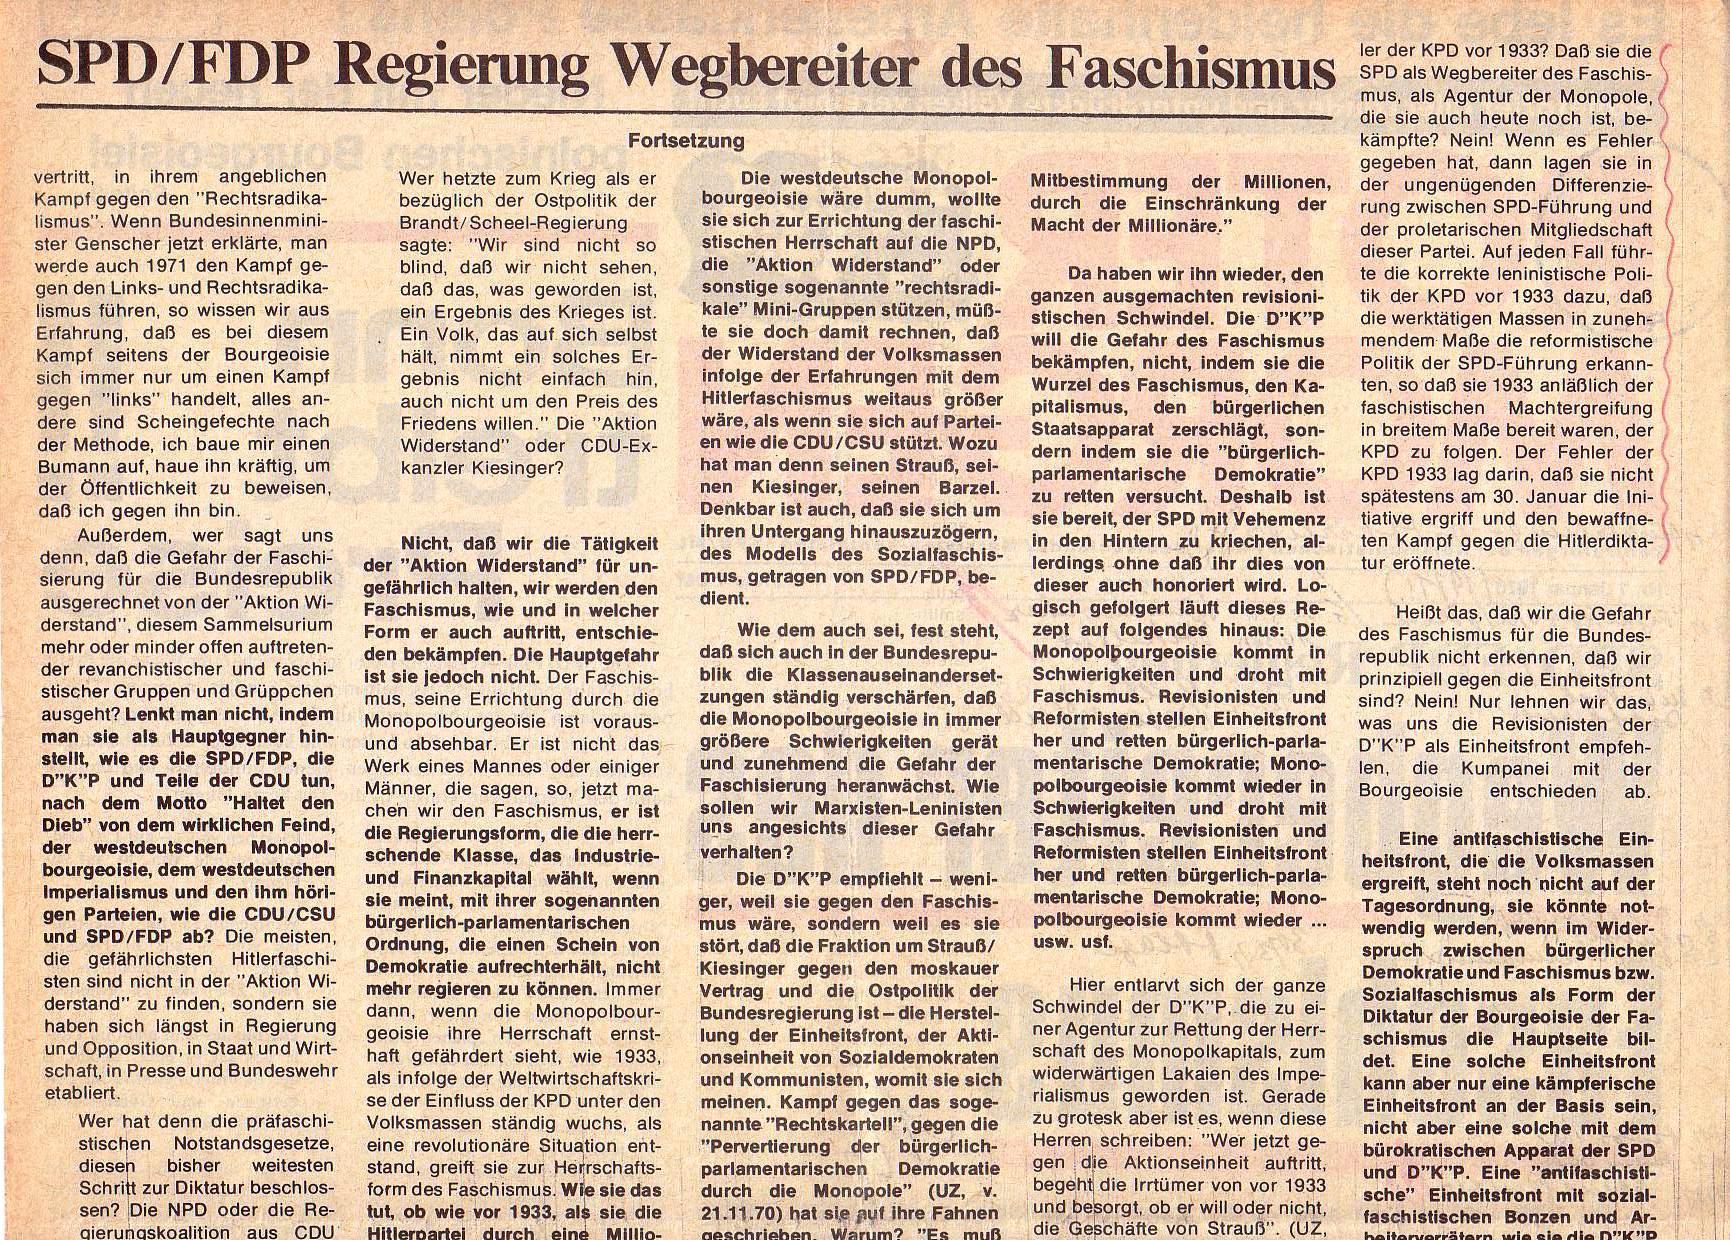 Roter Morgen, 5. Jg., Januar 1971, Nr. 1, Seite 2a